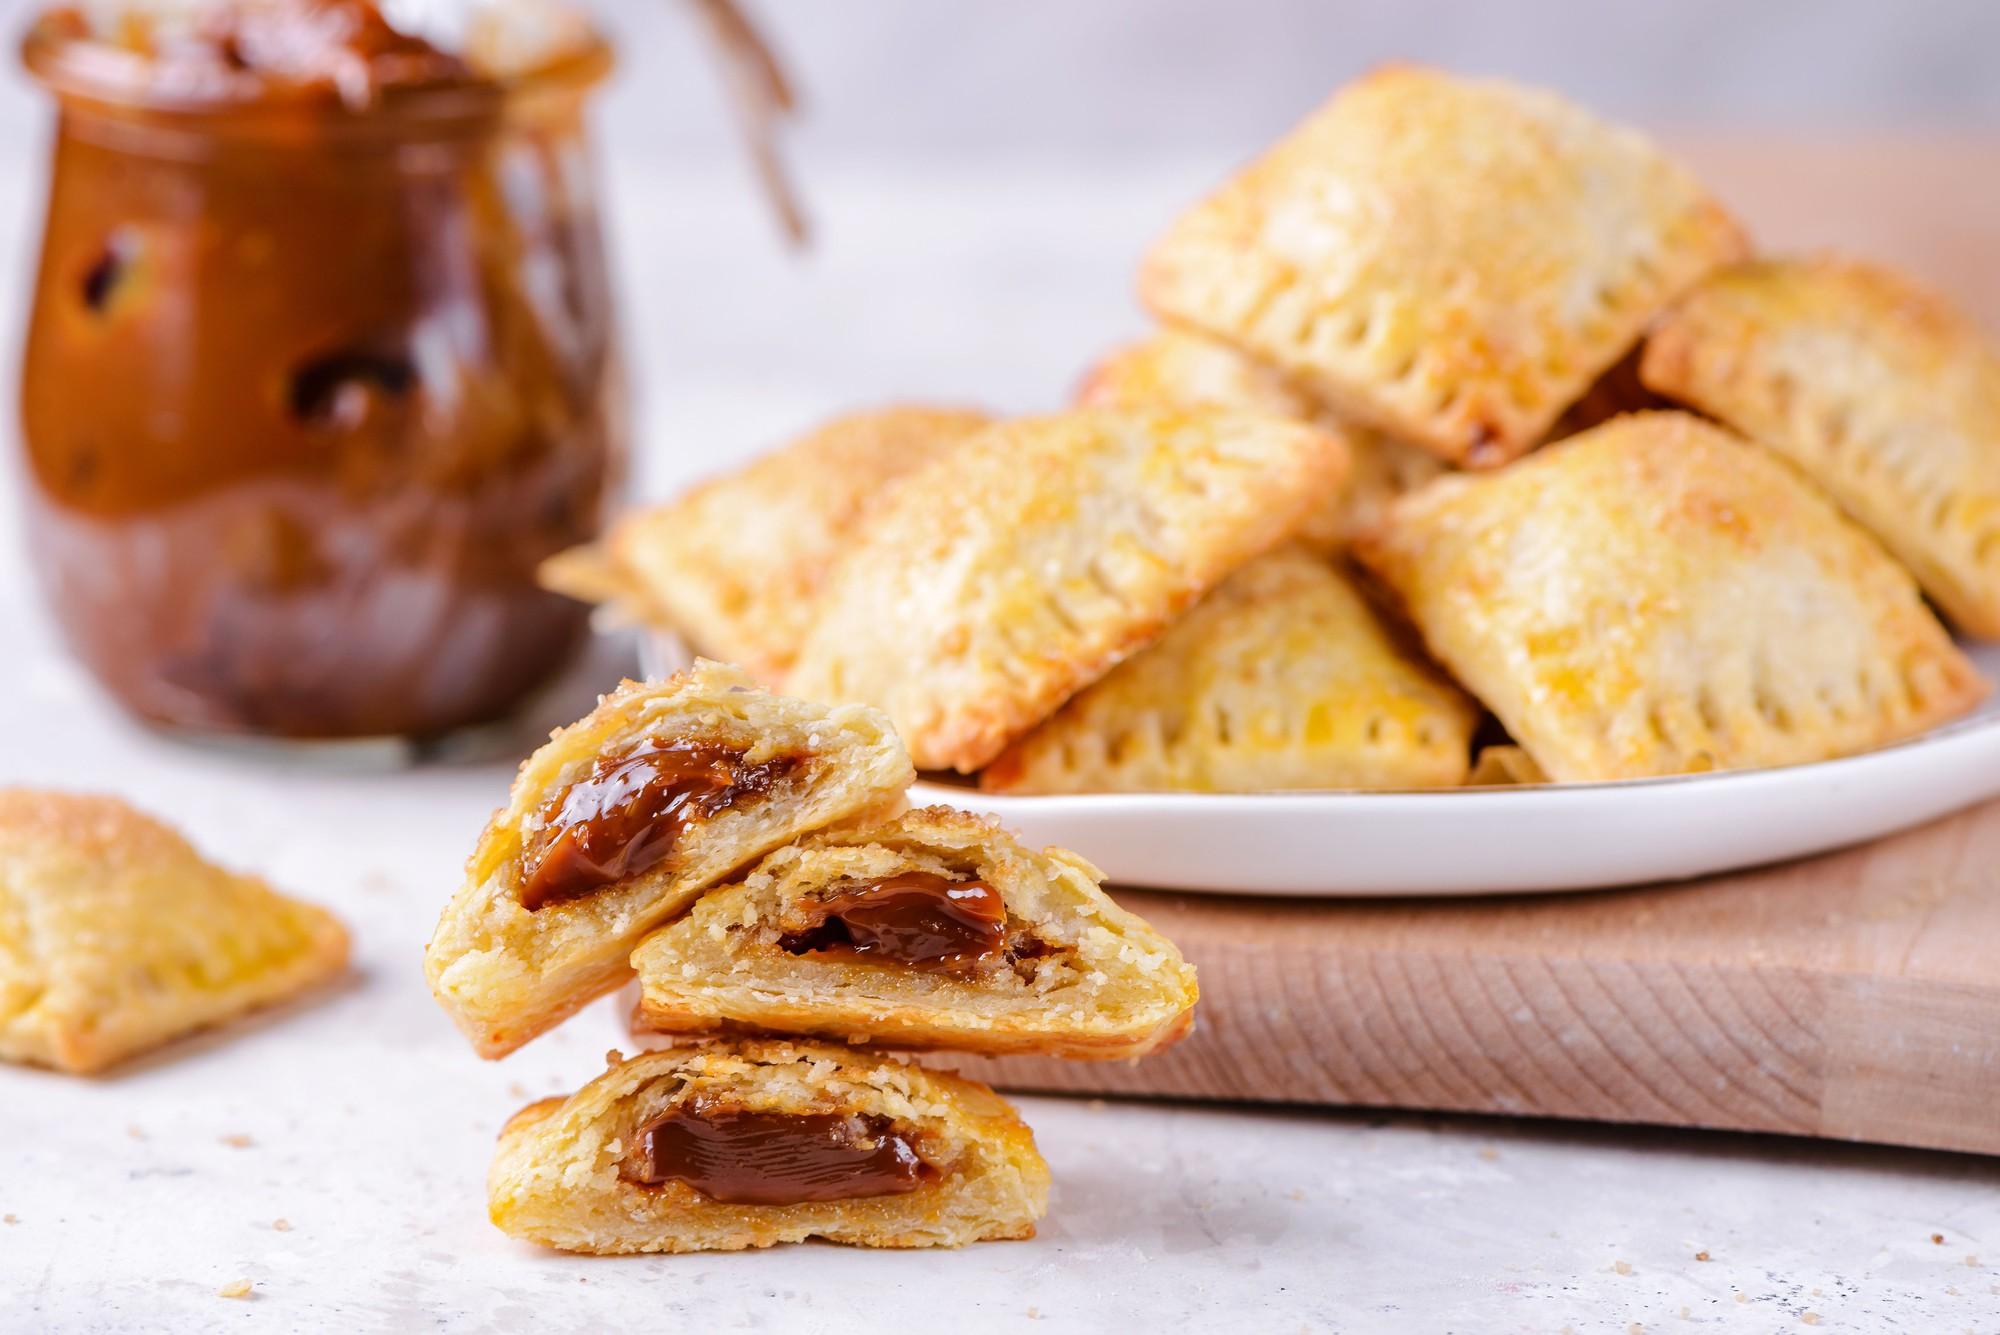 Trang ẩm thực nước ngoài chọn ra các món bánh ăn sáng ngon nhất, Việt Nam cũng lọt vào một món - Ảnh 3.